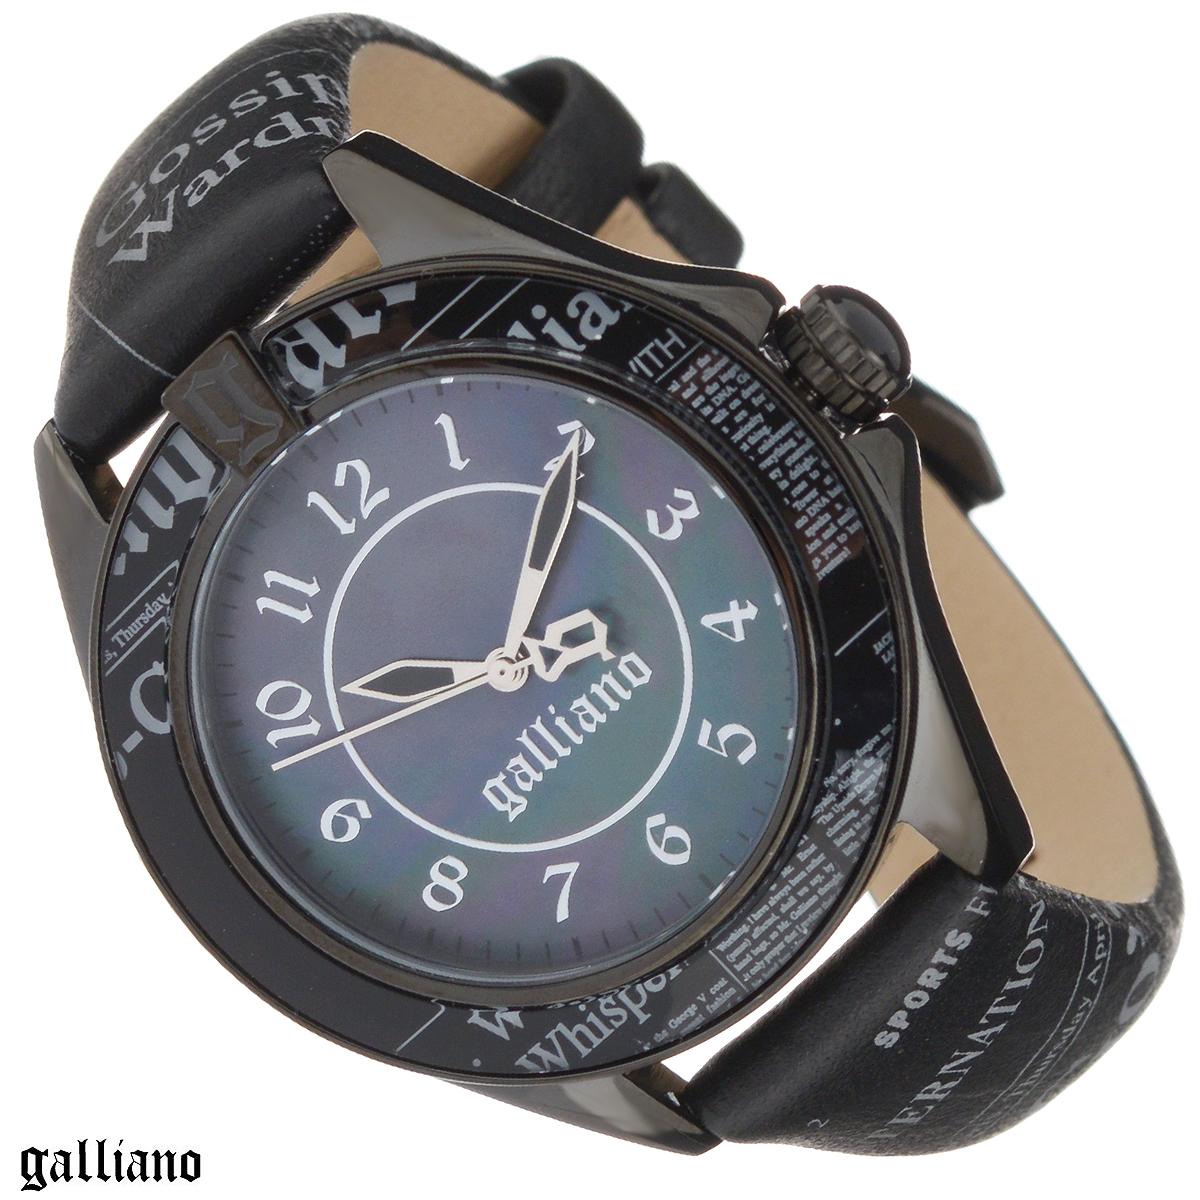 Часы женские наручные Galliano, цвет: черный. R2551105502ML597BUL/DНаручные женские часы Galliano оснащены кварцевым механизмом. Корпус выполнен из высококачественной нержавеющей стали, безель из высокотехнологичной смолы. Циферблат из натурального перламутра с арабскими цифрами защищен минеральным стеклом. Часы имеют три стрелки - часовую, минутную и секундную. Ремешок часов выполнен из натуральной кожи и оснащен классической застежкой. Заводная головка с защитой украшена камнем в форме кабошона. Ремешок, циферблат и безель украшены фирменным принтом Galliano газета.Часы укомплектованы паспортом с подробной инструкцией. Часы Galliano благодаря своему великолепному дизайну и качеству исполнения станут главным акцентом вашего образа. Характеристики: Диаметр циферблата: 3 см.Размер корпуса: 3,8 см х 4,5 см х 0,9 см.Длина ремешка (с корпусом): 21,5 см.Ширина ремешка: 1,7 см.